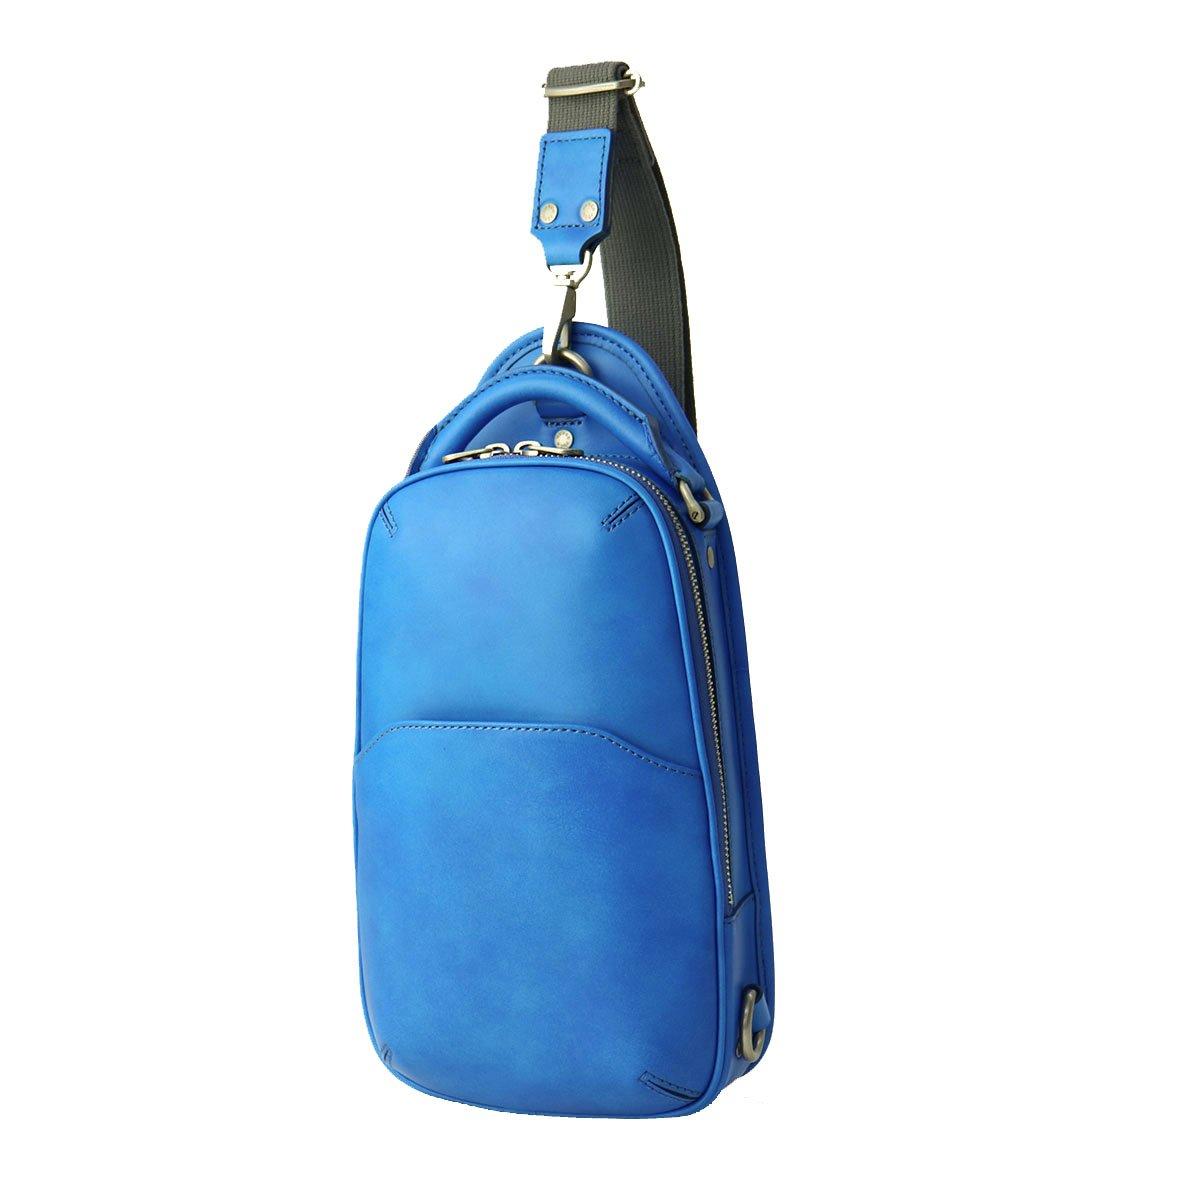 [エルゴポック] HERGOPOCH ワンショルダーバッグ ボディバッグ 06-OS B01EQZQGIO EARTH BLUE/アースブルー EARTH BLUE/アースブルー